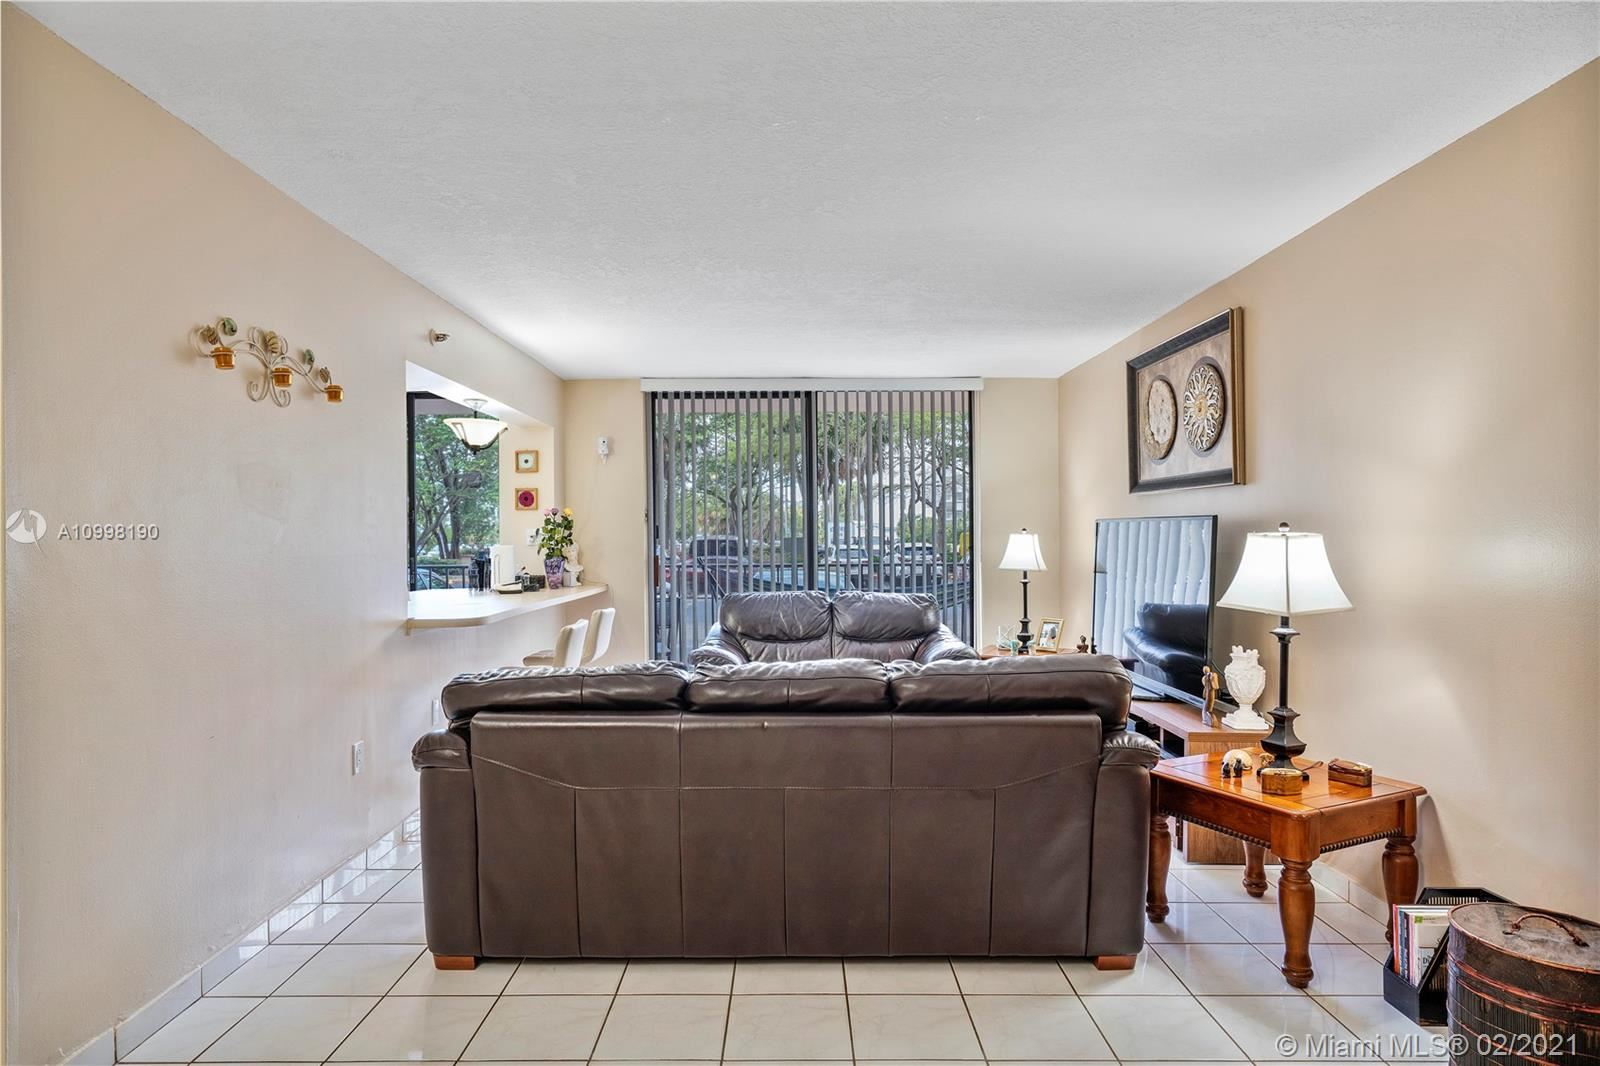 210 174th St #L11, Sunny Isles, FL 33160 - #: A10998190